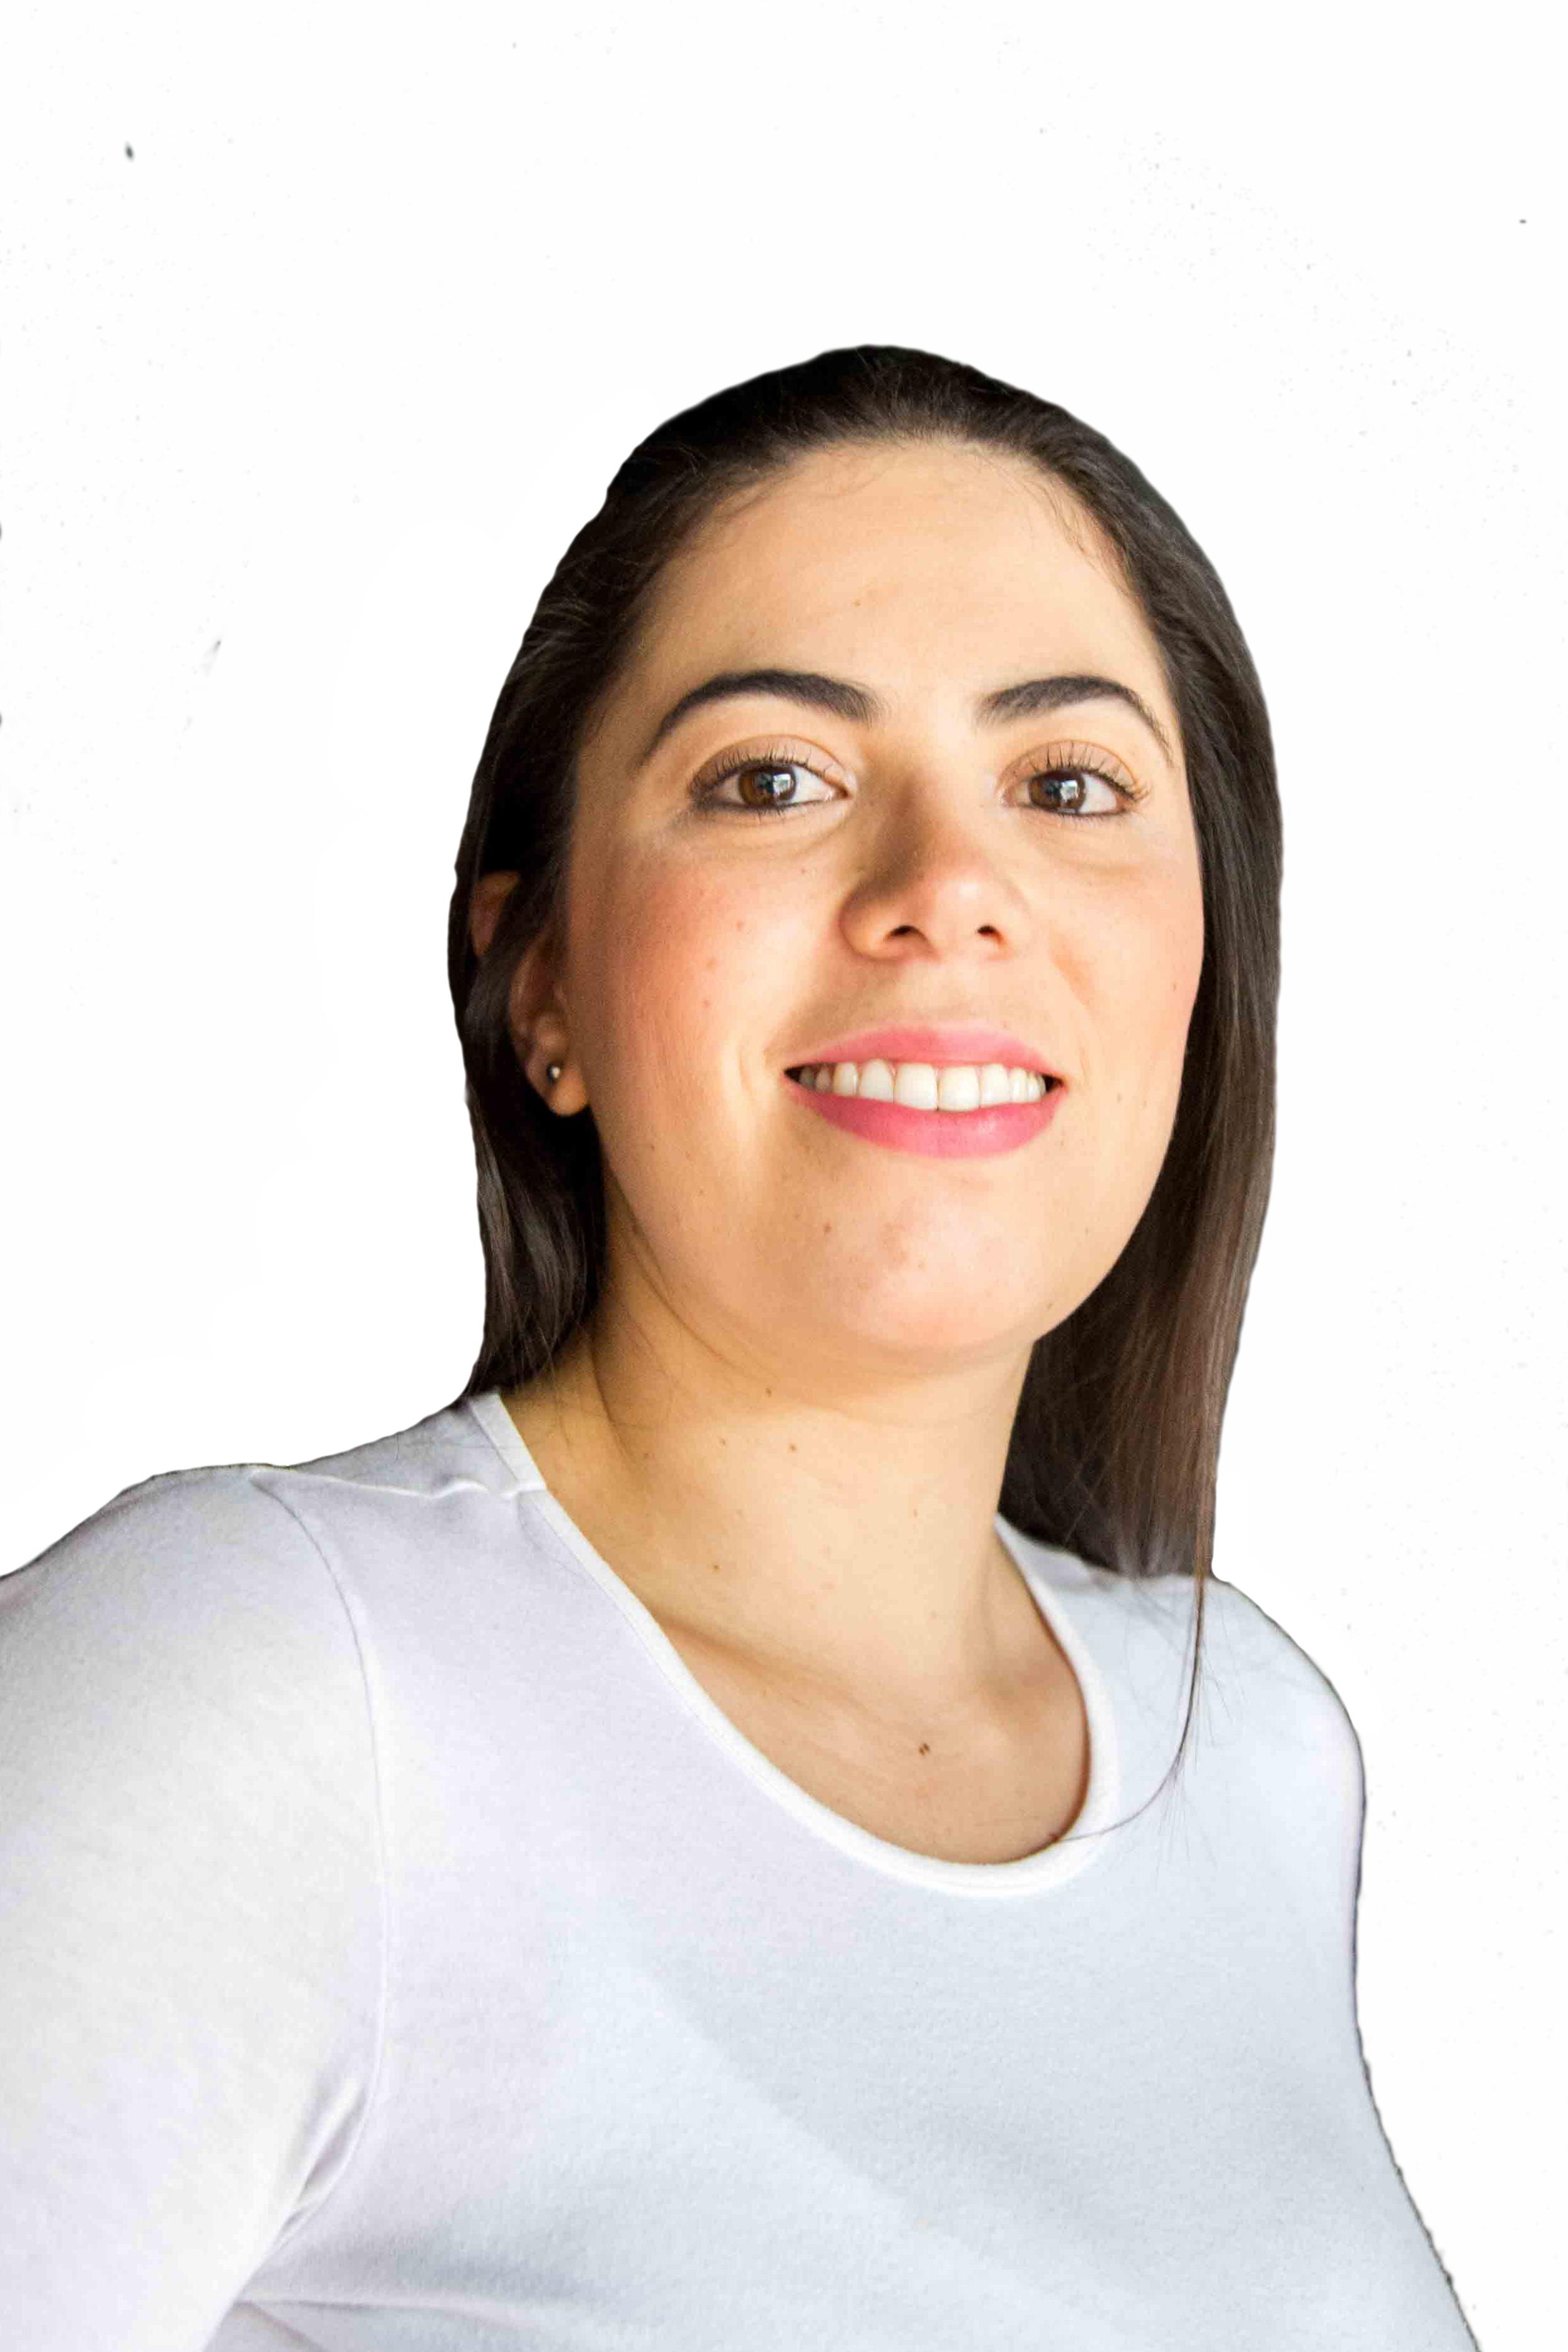 Angela Lasso